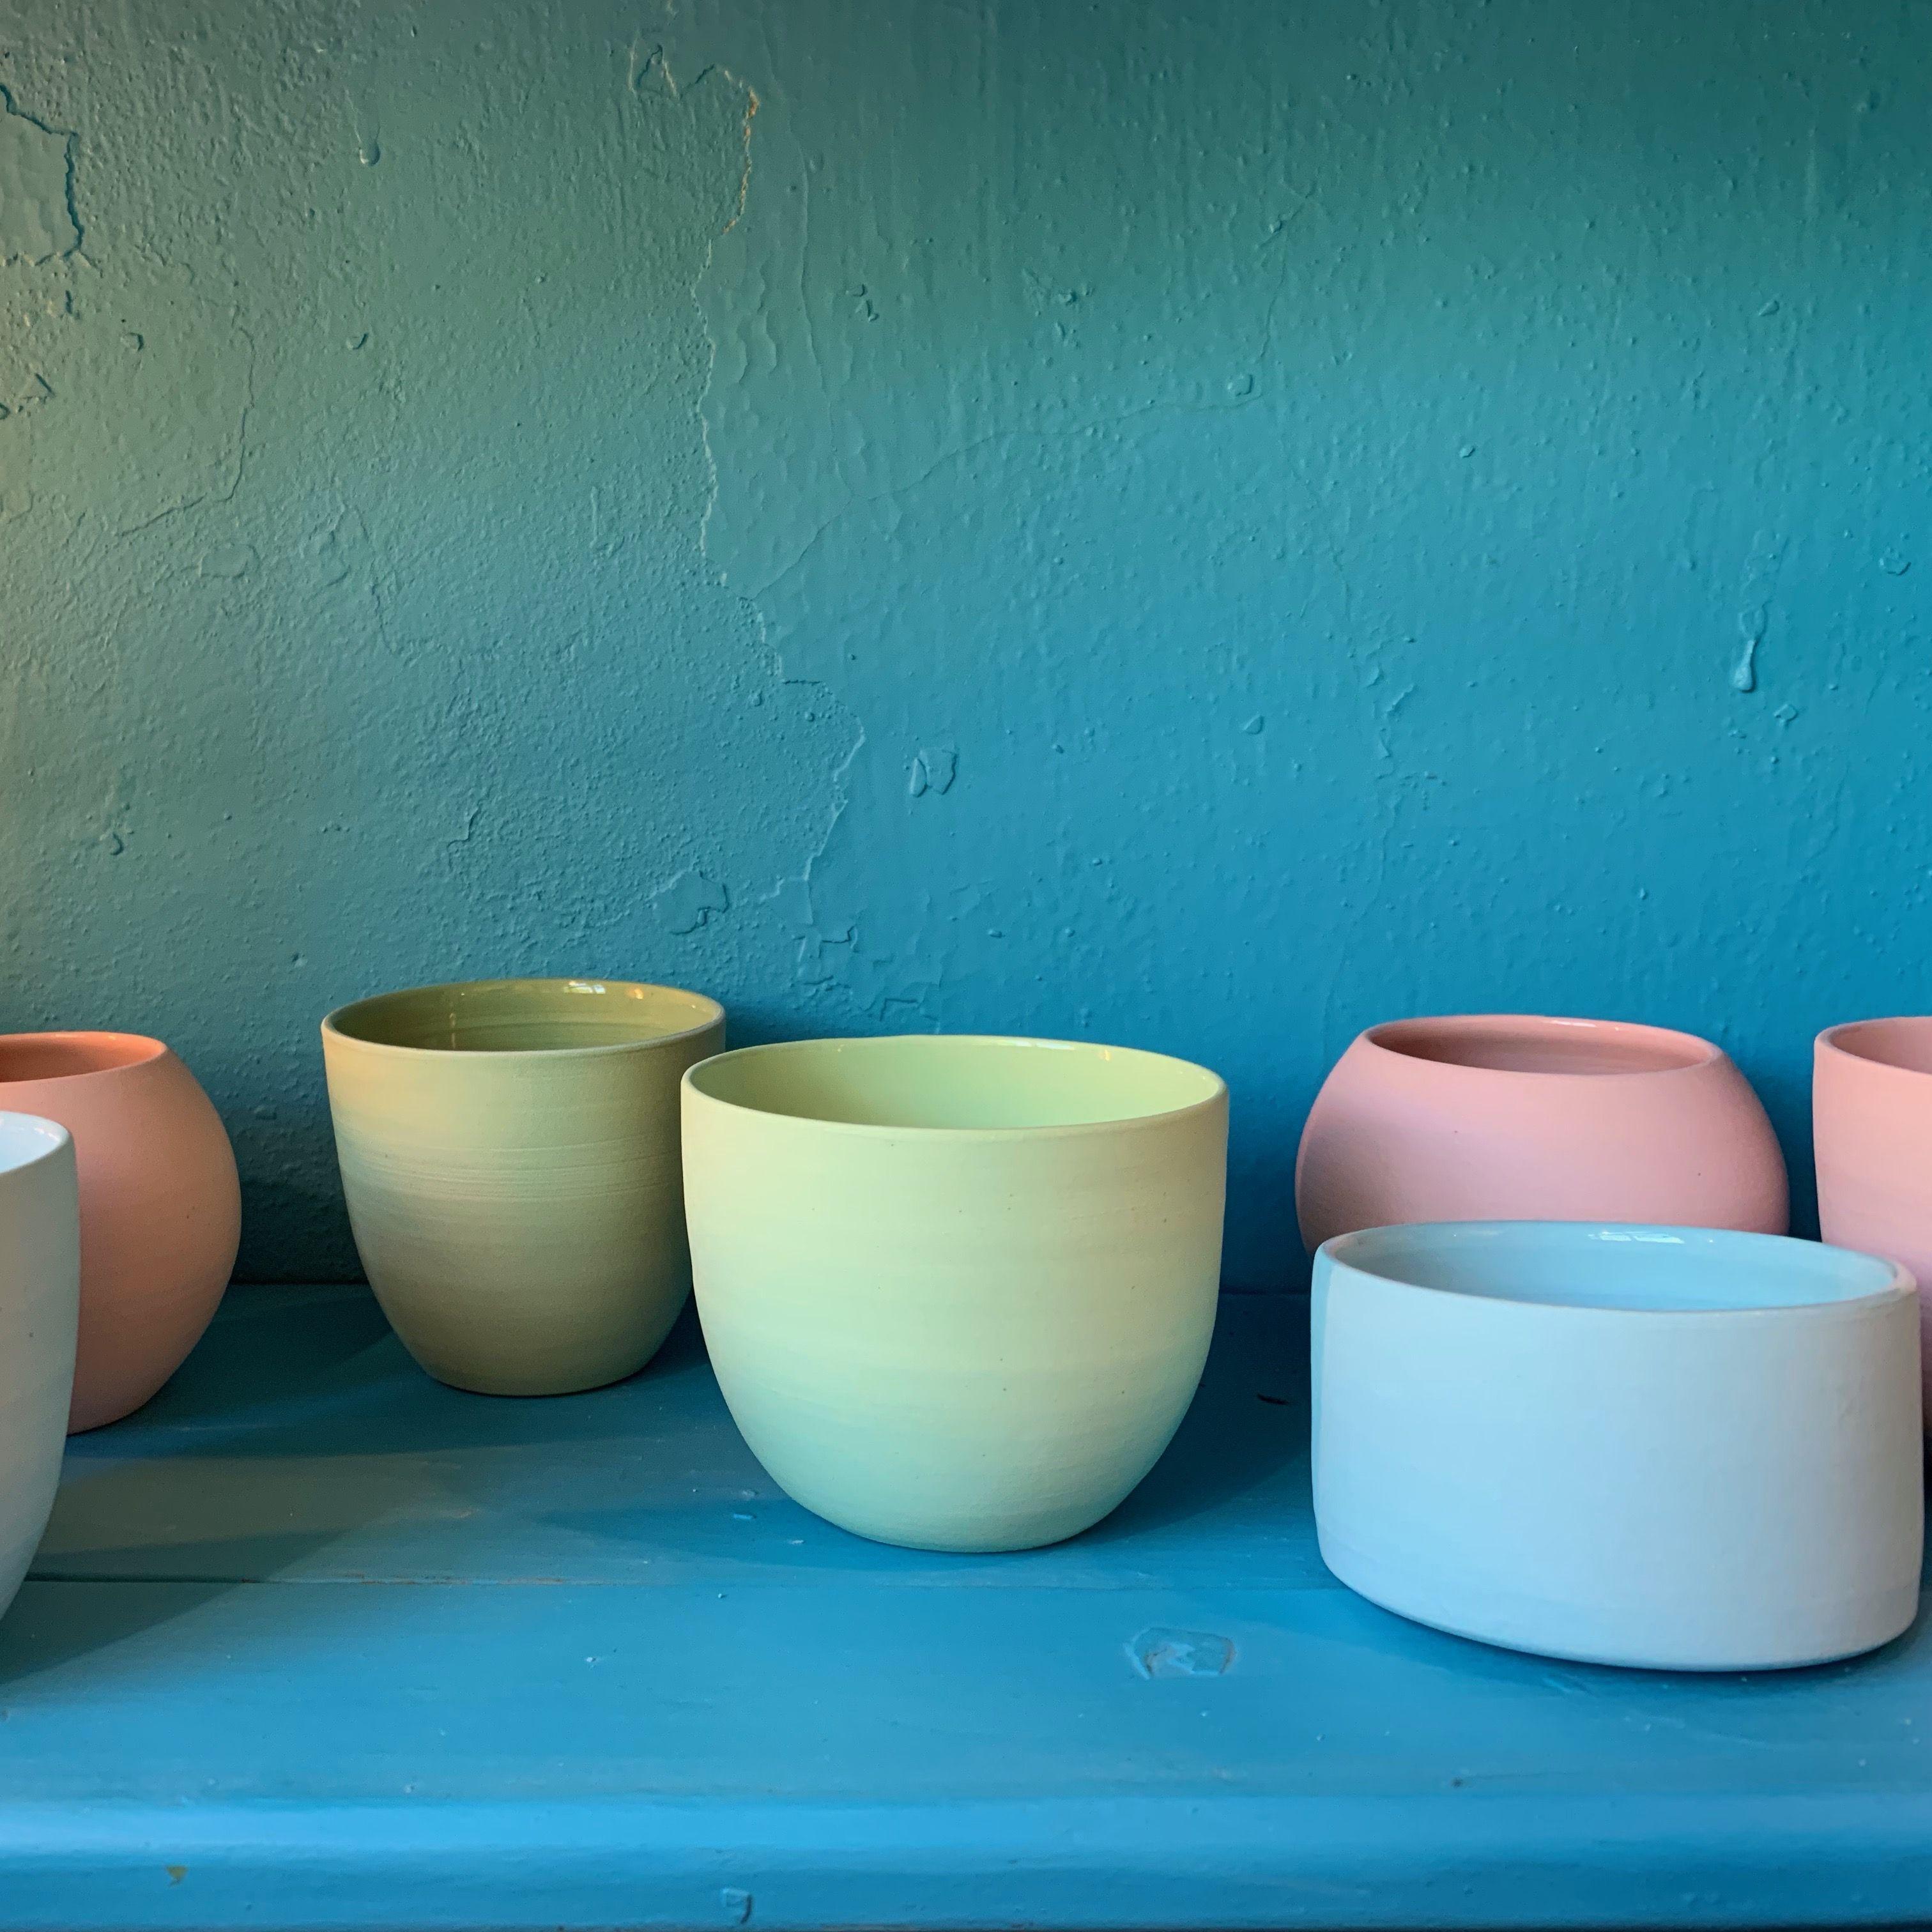 Die Kleinen Cups In Verschiedenen Formen Und Farben Klein Und